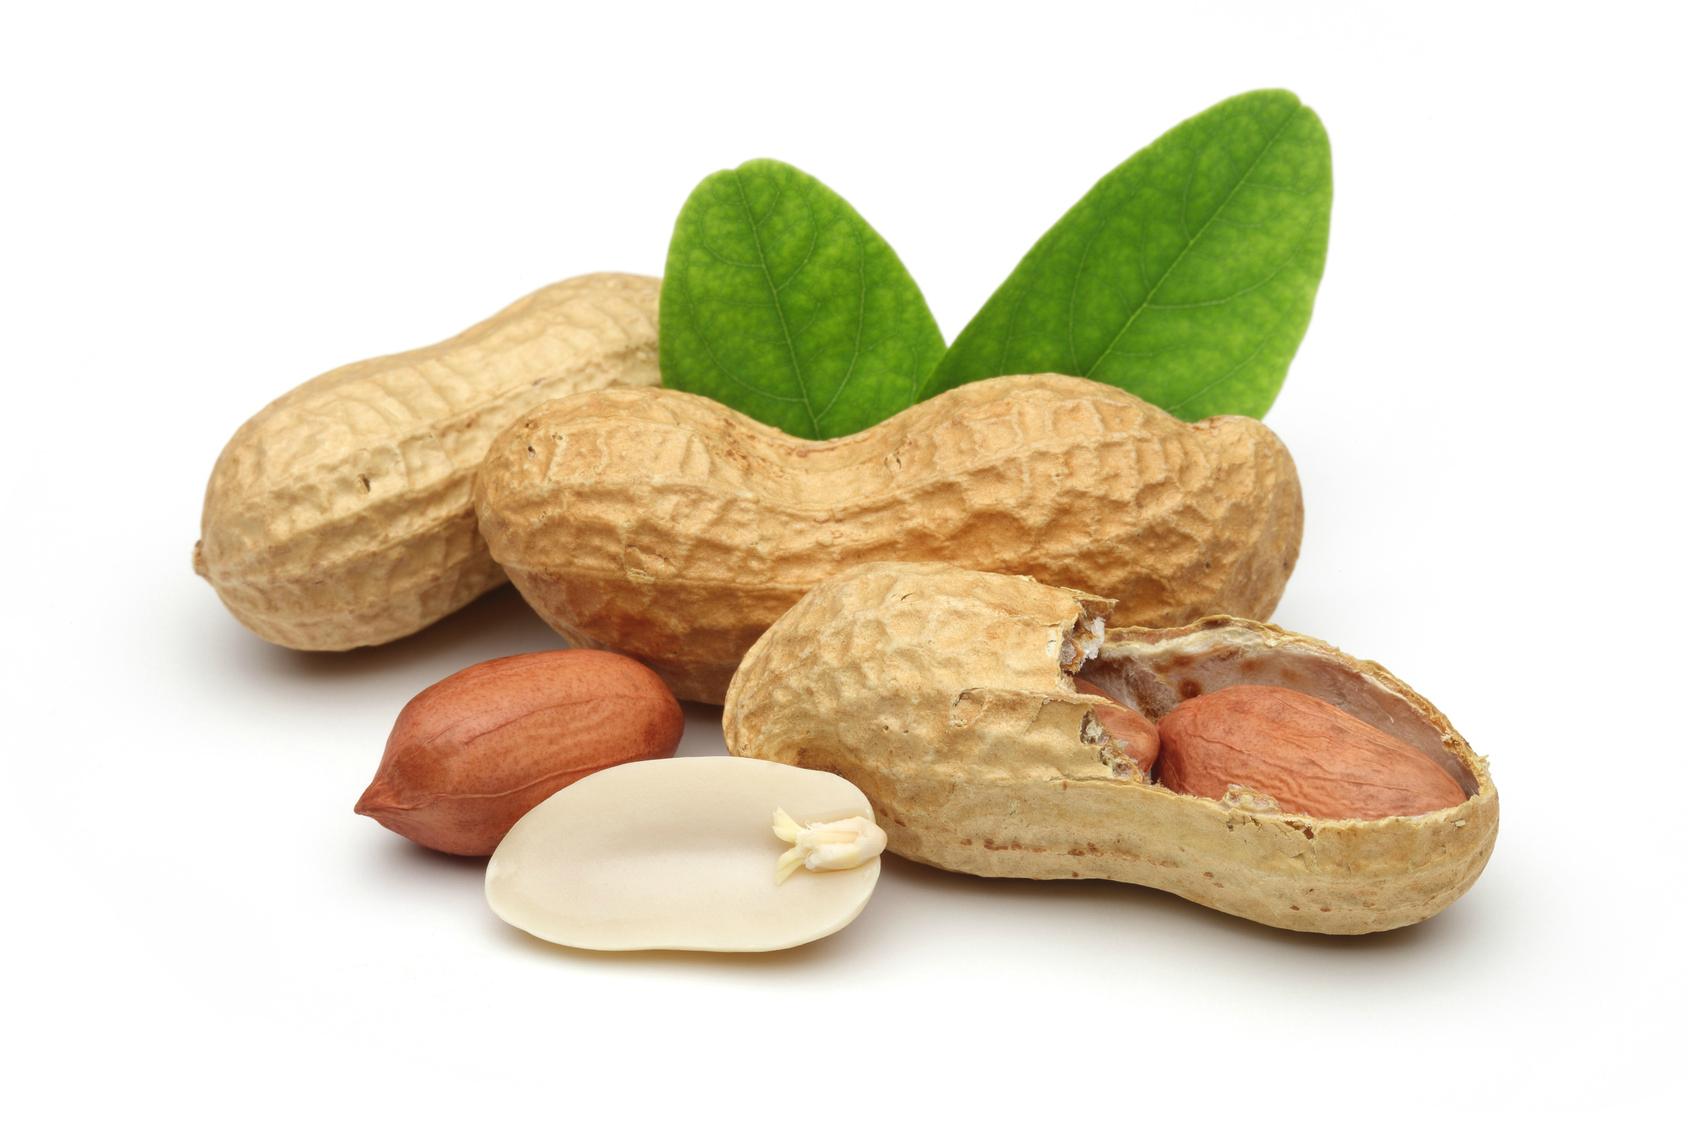 Images of Peanut | 1688x1125